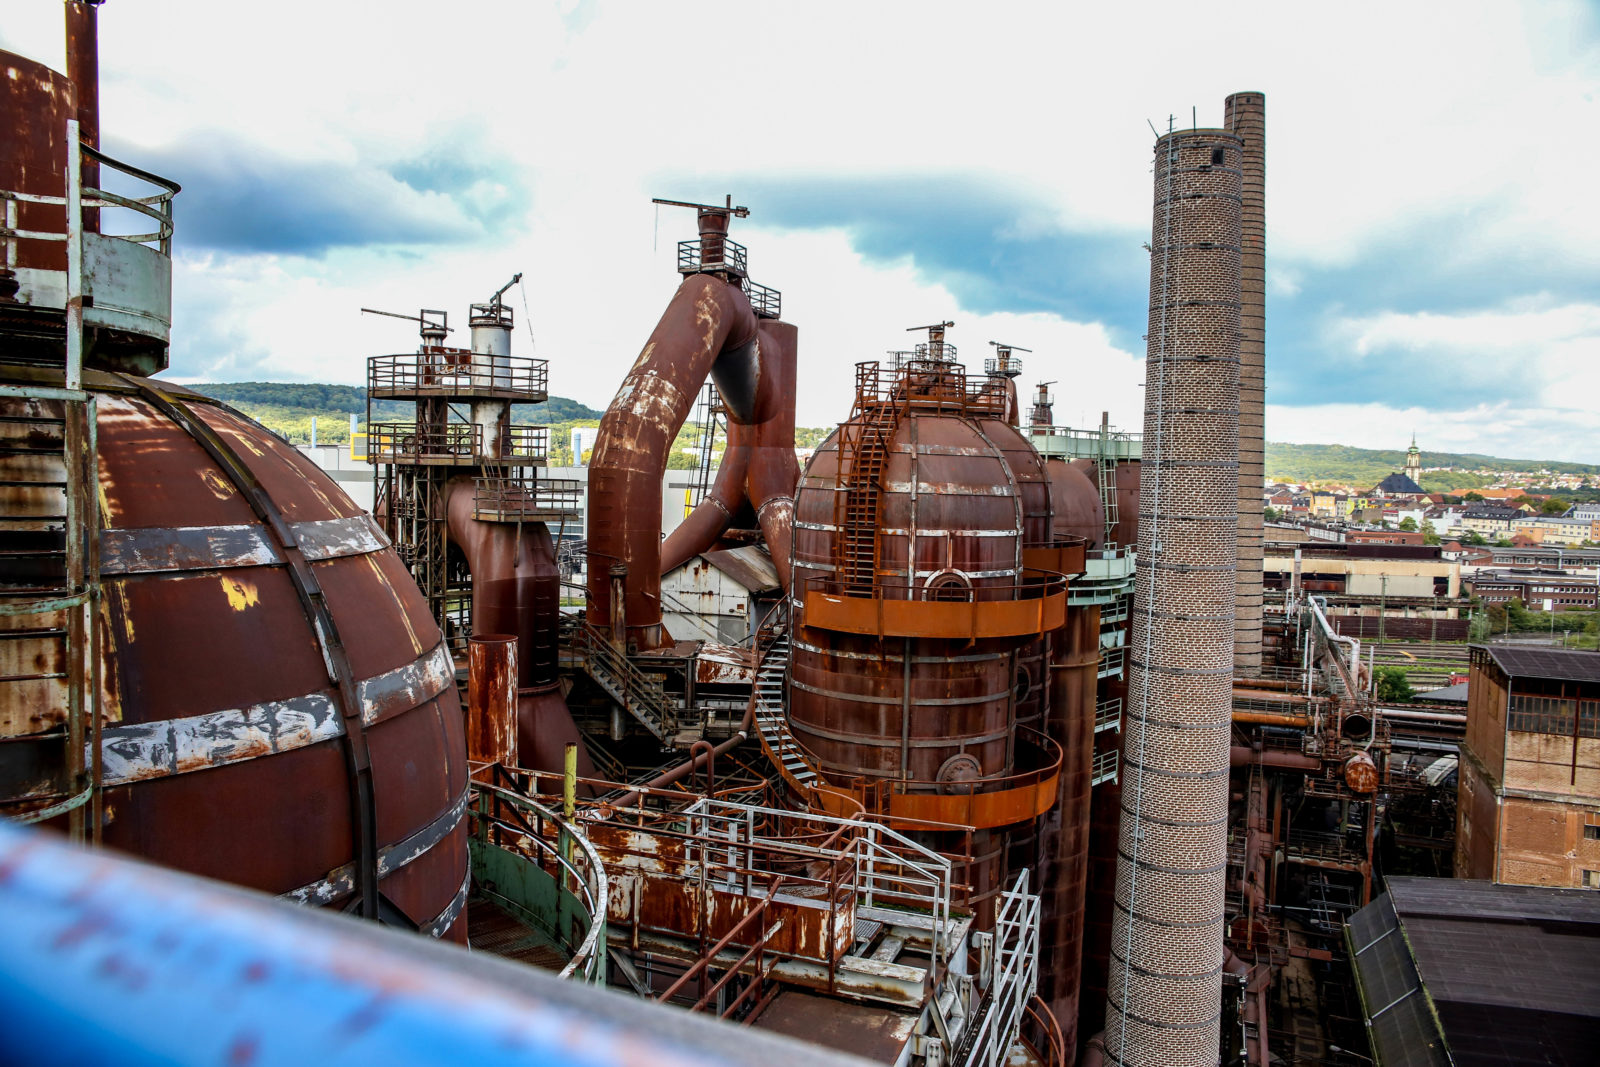 urbex explorationurbaine Volklingen usine abandonnee RADAR FrancsColleurs video tournage IMG9620 - Exploration en réalité augmentée de l'usine de Völklingen et des gouttes Francs Colleurs